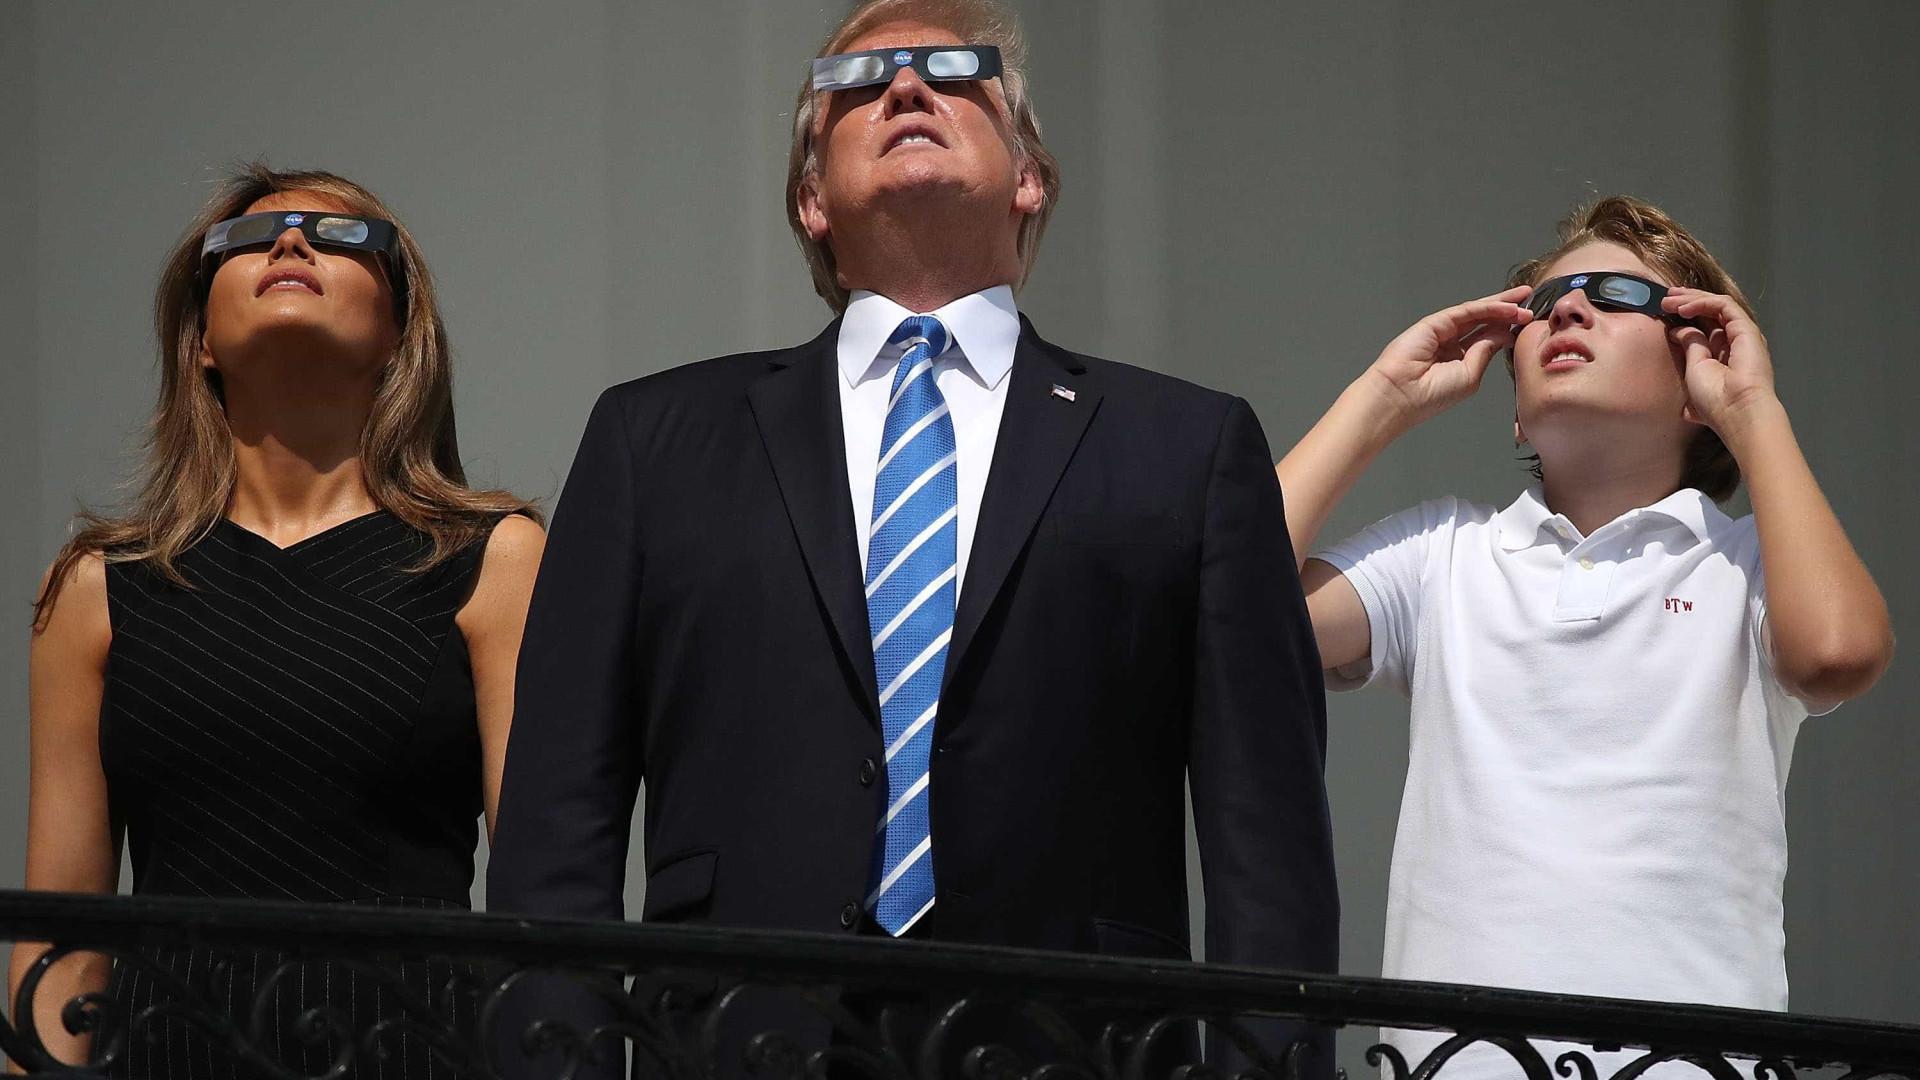 Eclipse: Três minutos de espetáculo... e 694 milhões de dólares perdidos